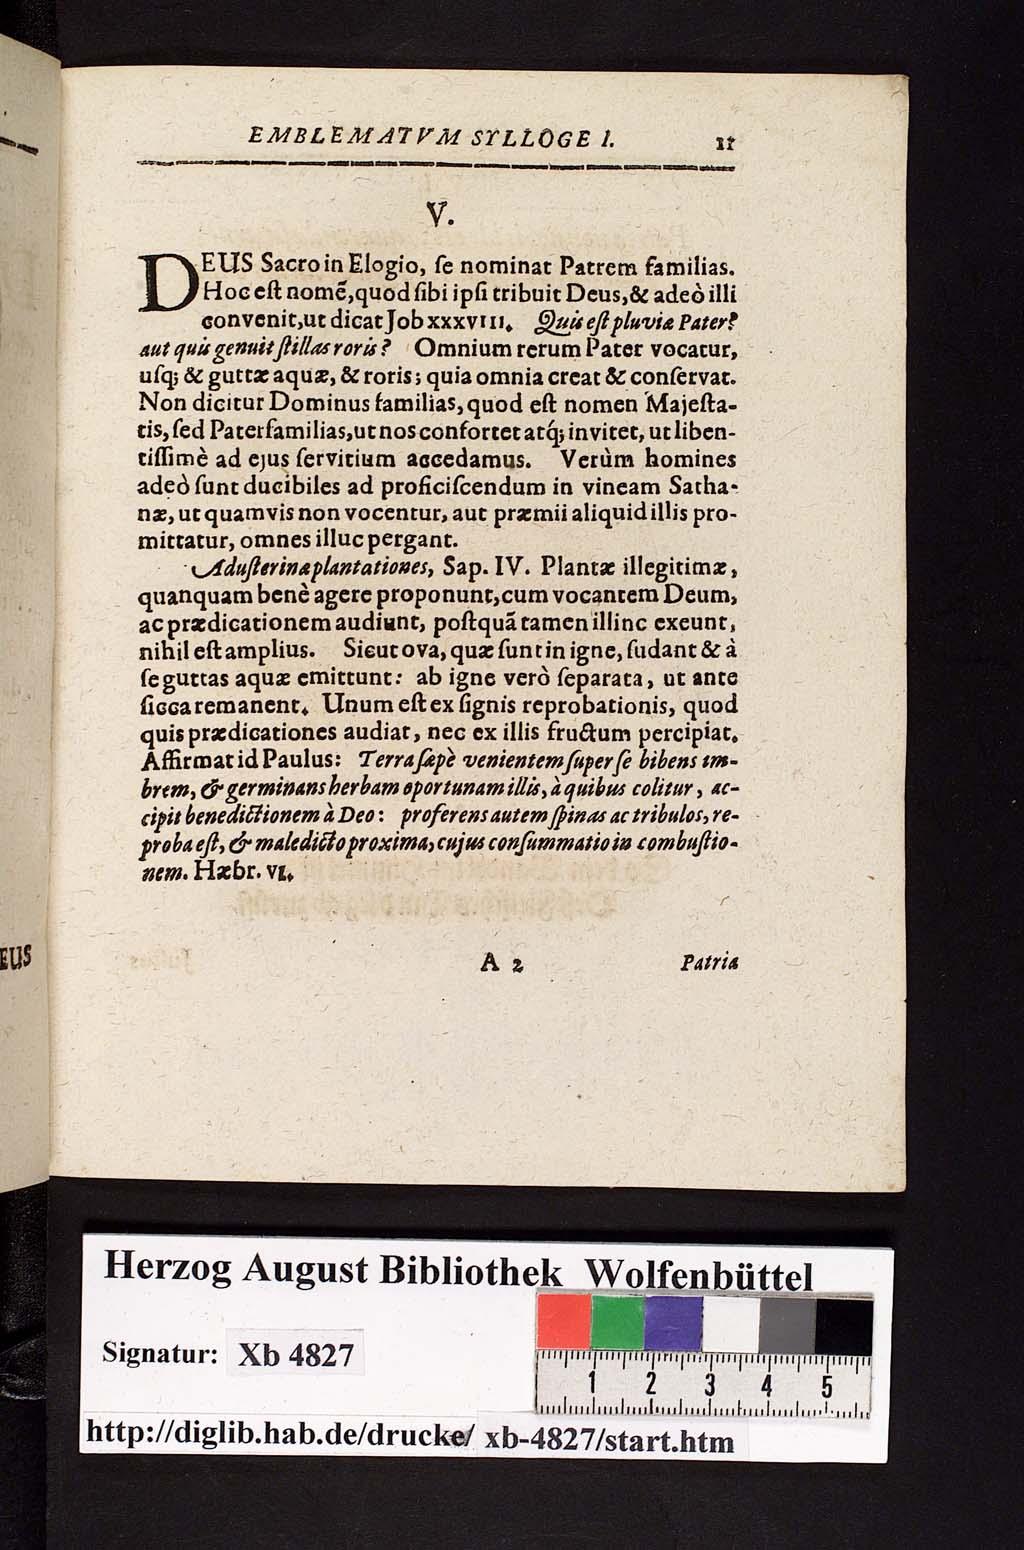 http://diglib.hab.de/drucke/xb-4827/00014.jpg